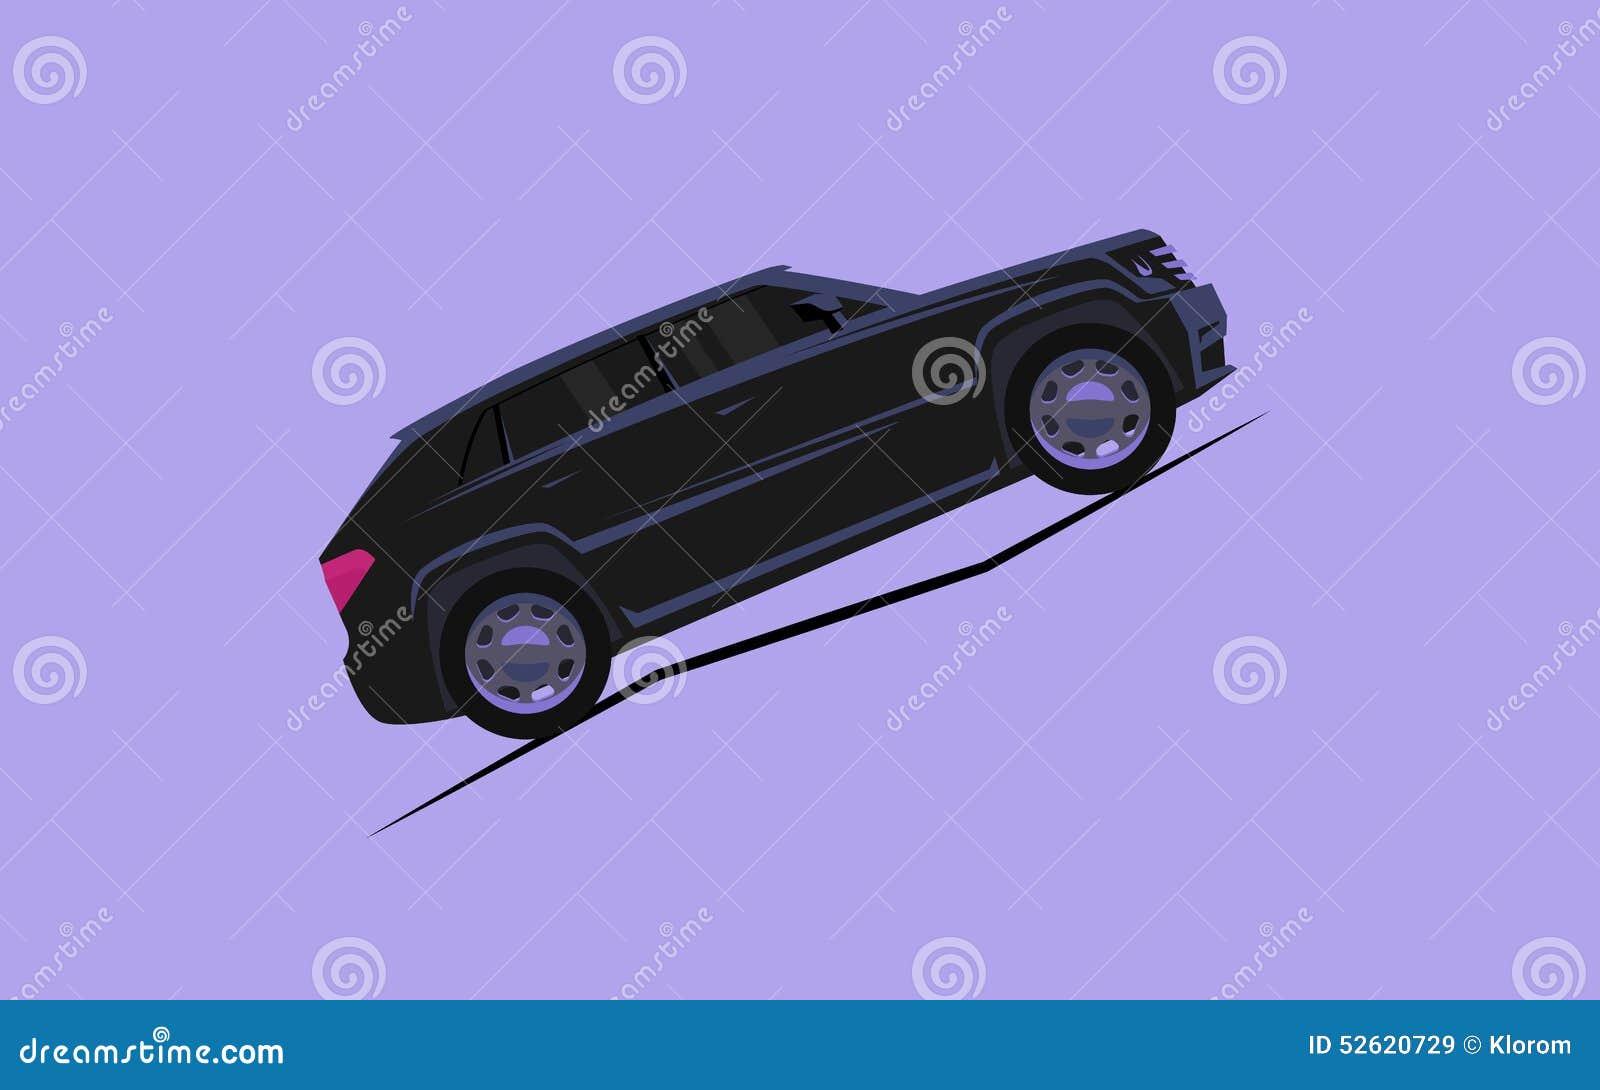 La voiture stylis e simple monte vers le haut de la montagne illustration de vecteur image - Dessin voiture stylisee ...